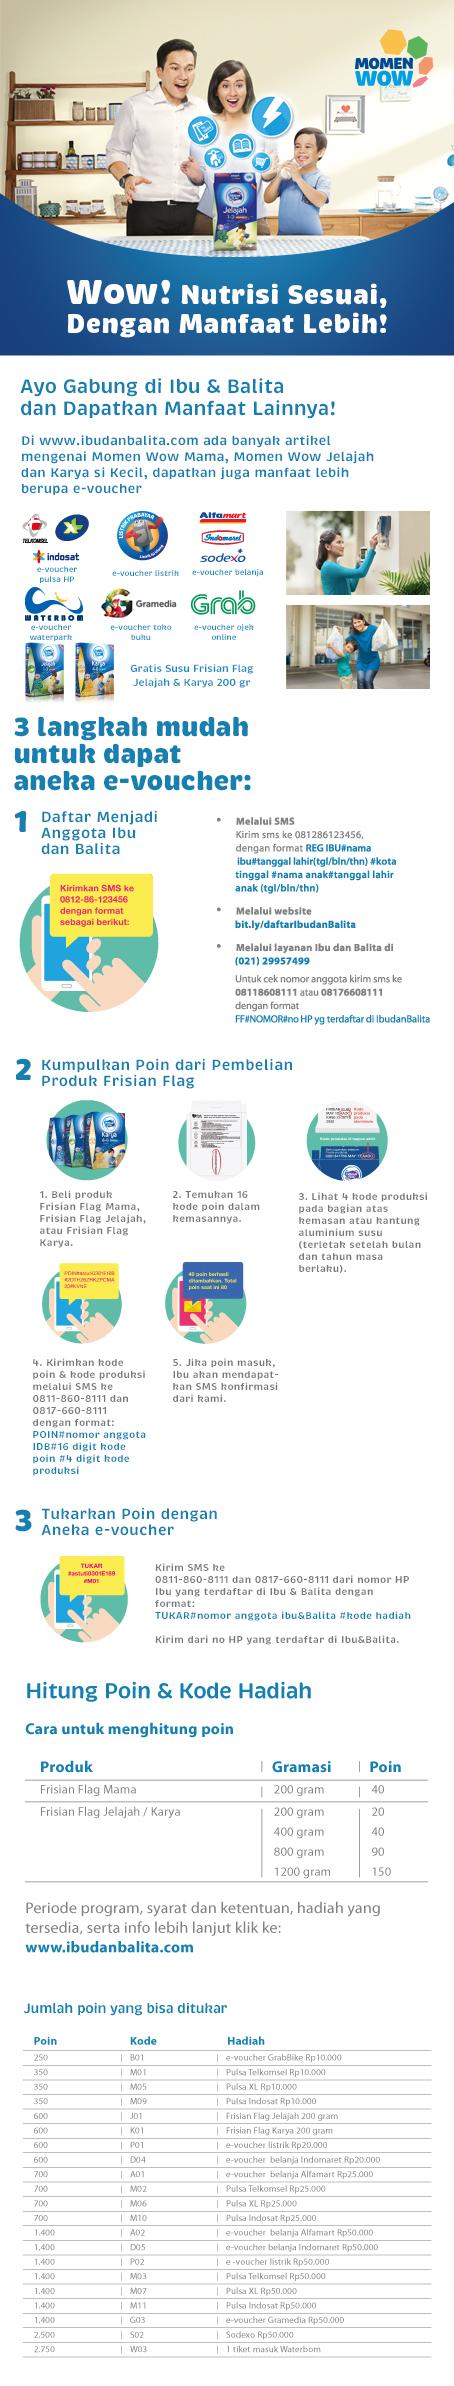 info-kuis-berhadiah-FF-CRM Katalog-full